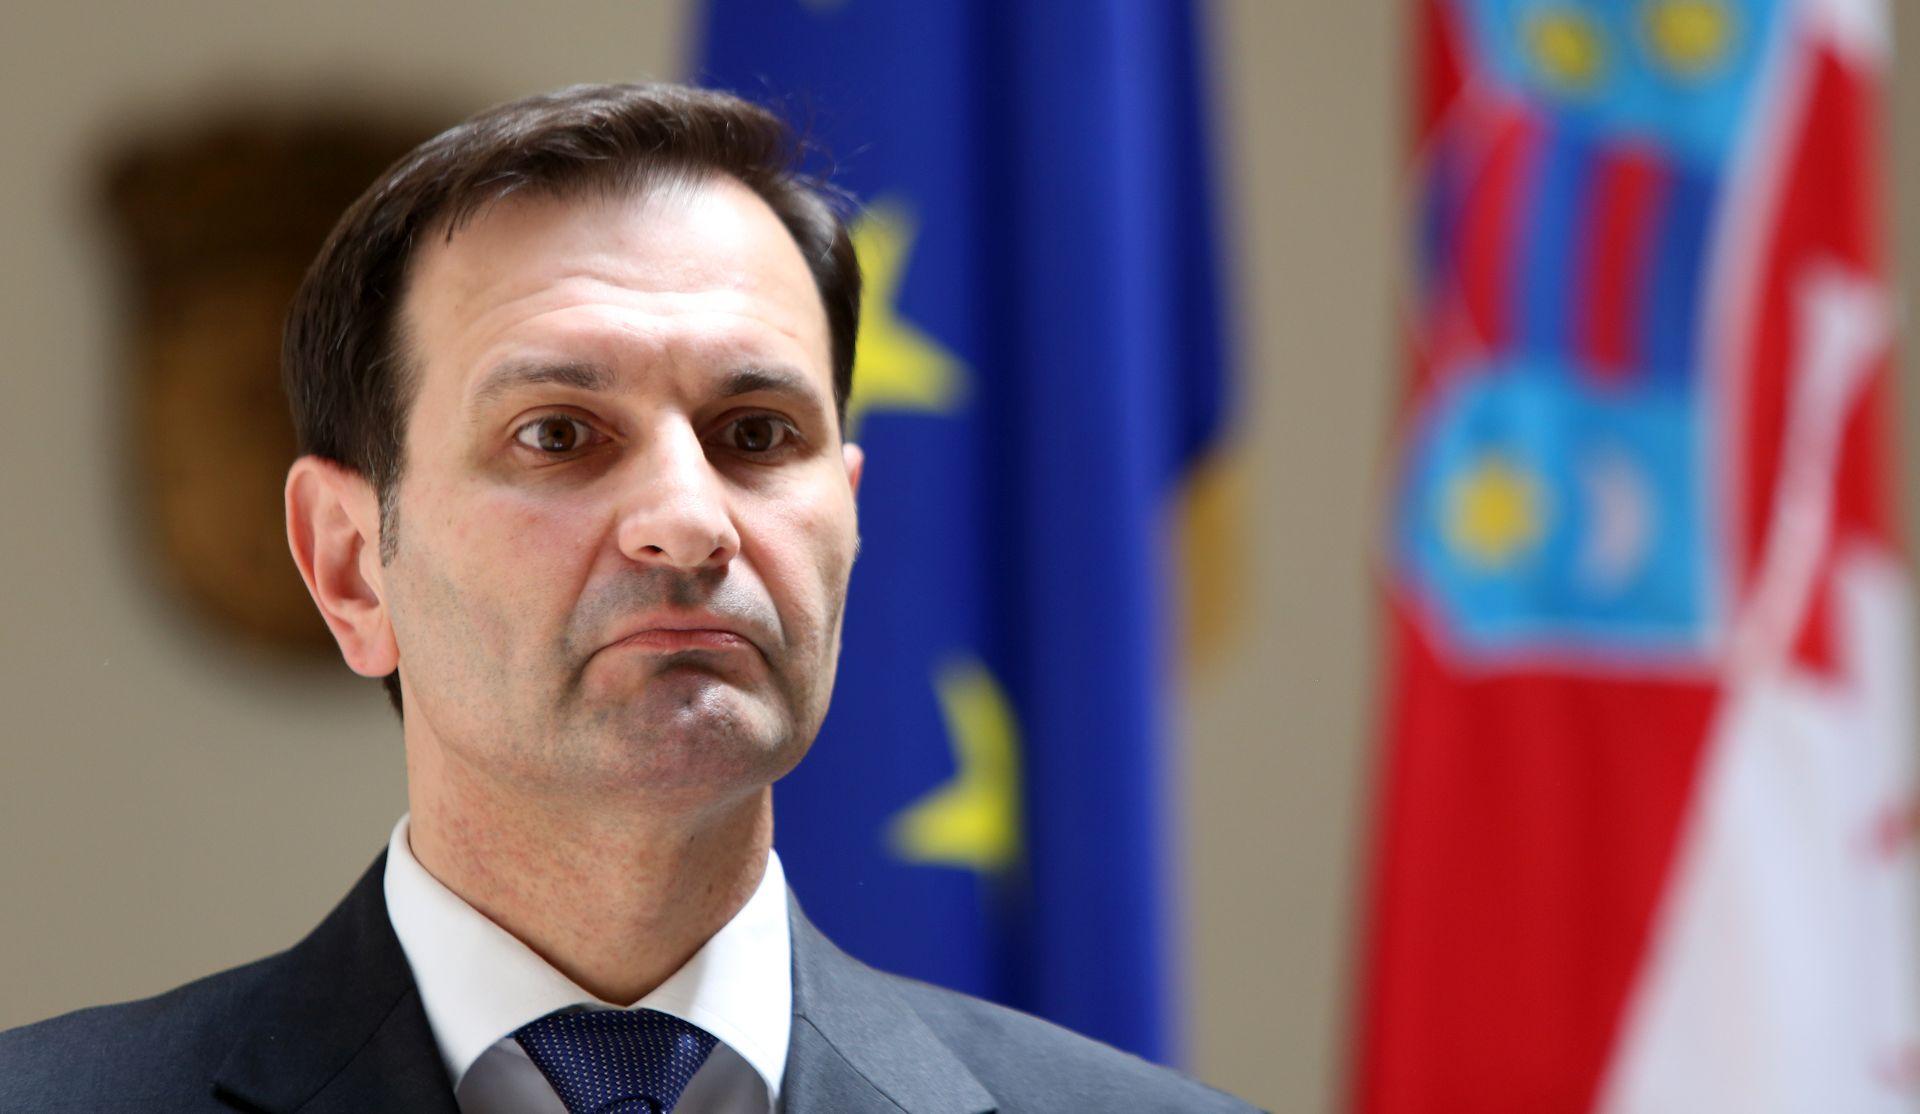 Kovač: Blizu smo rješenju oko pregovora Srbije i EU